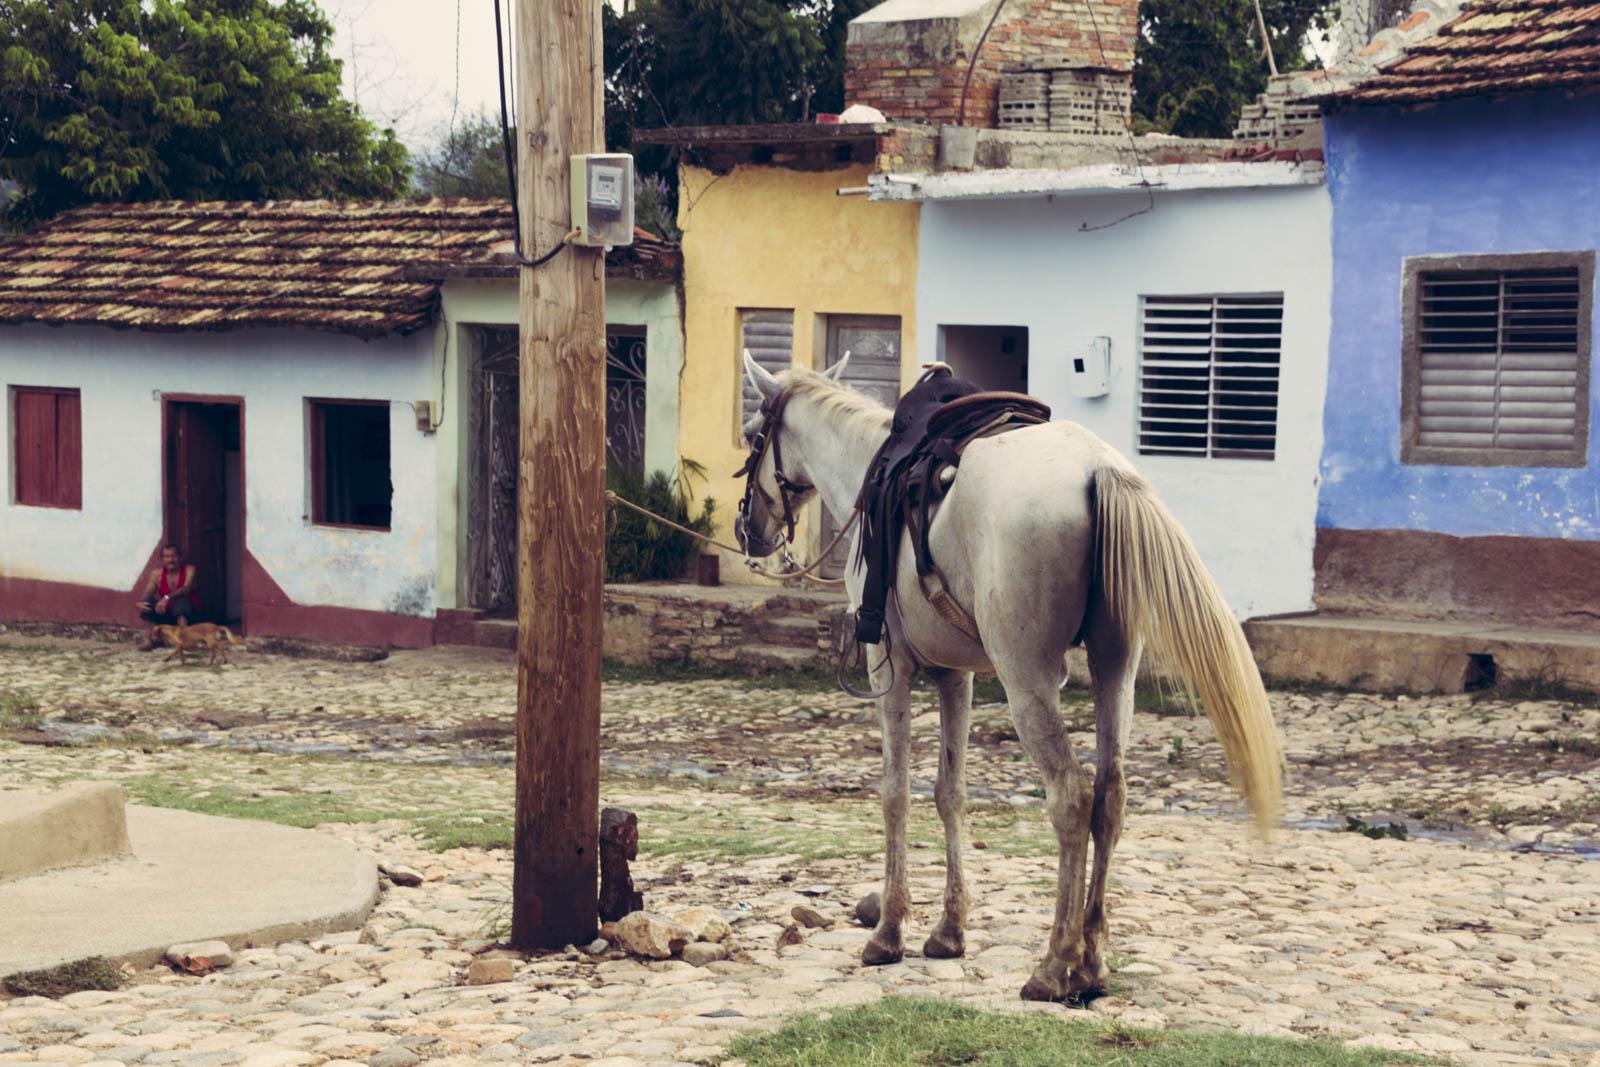 Trinidad, Santa Clara et le retour en train